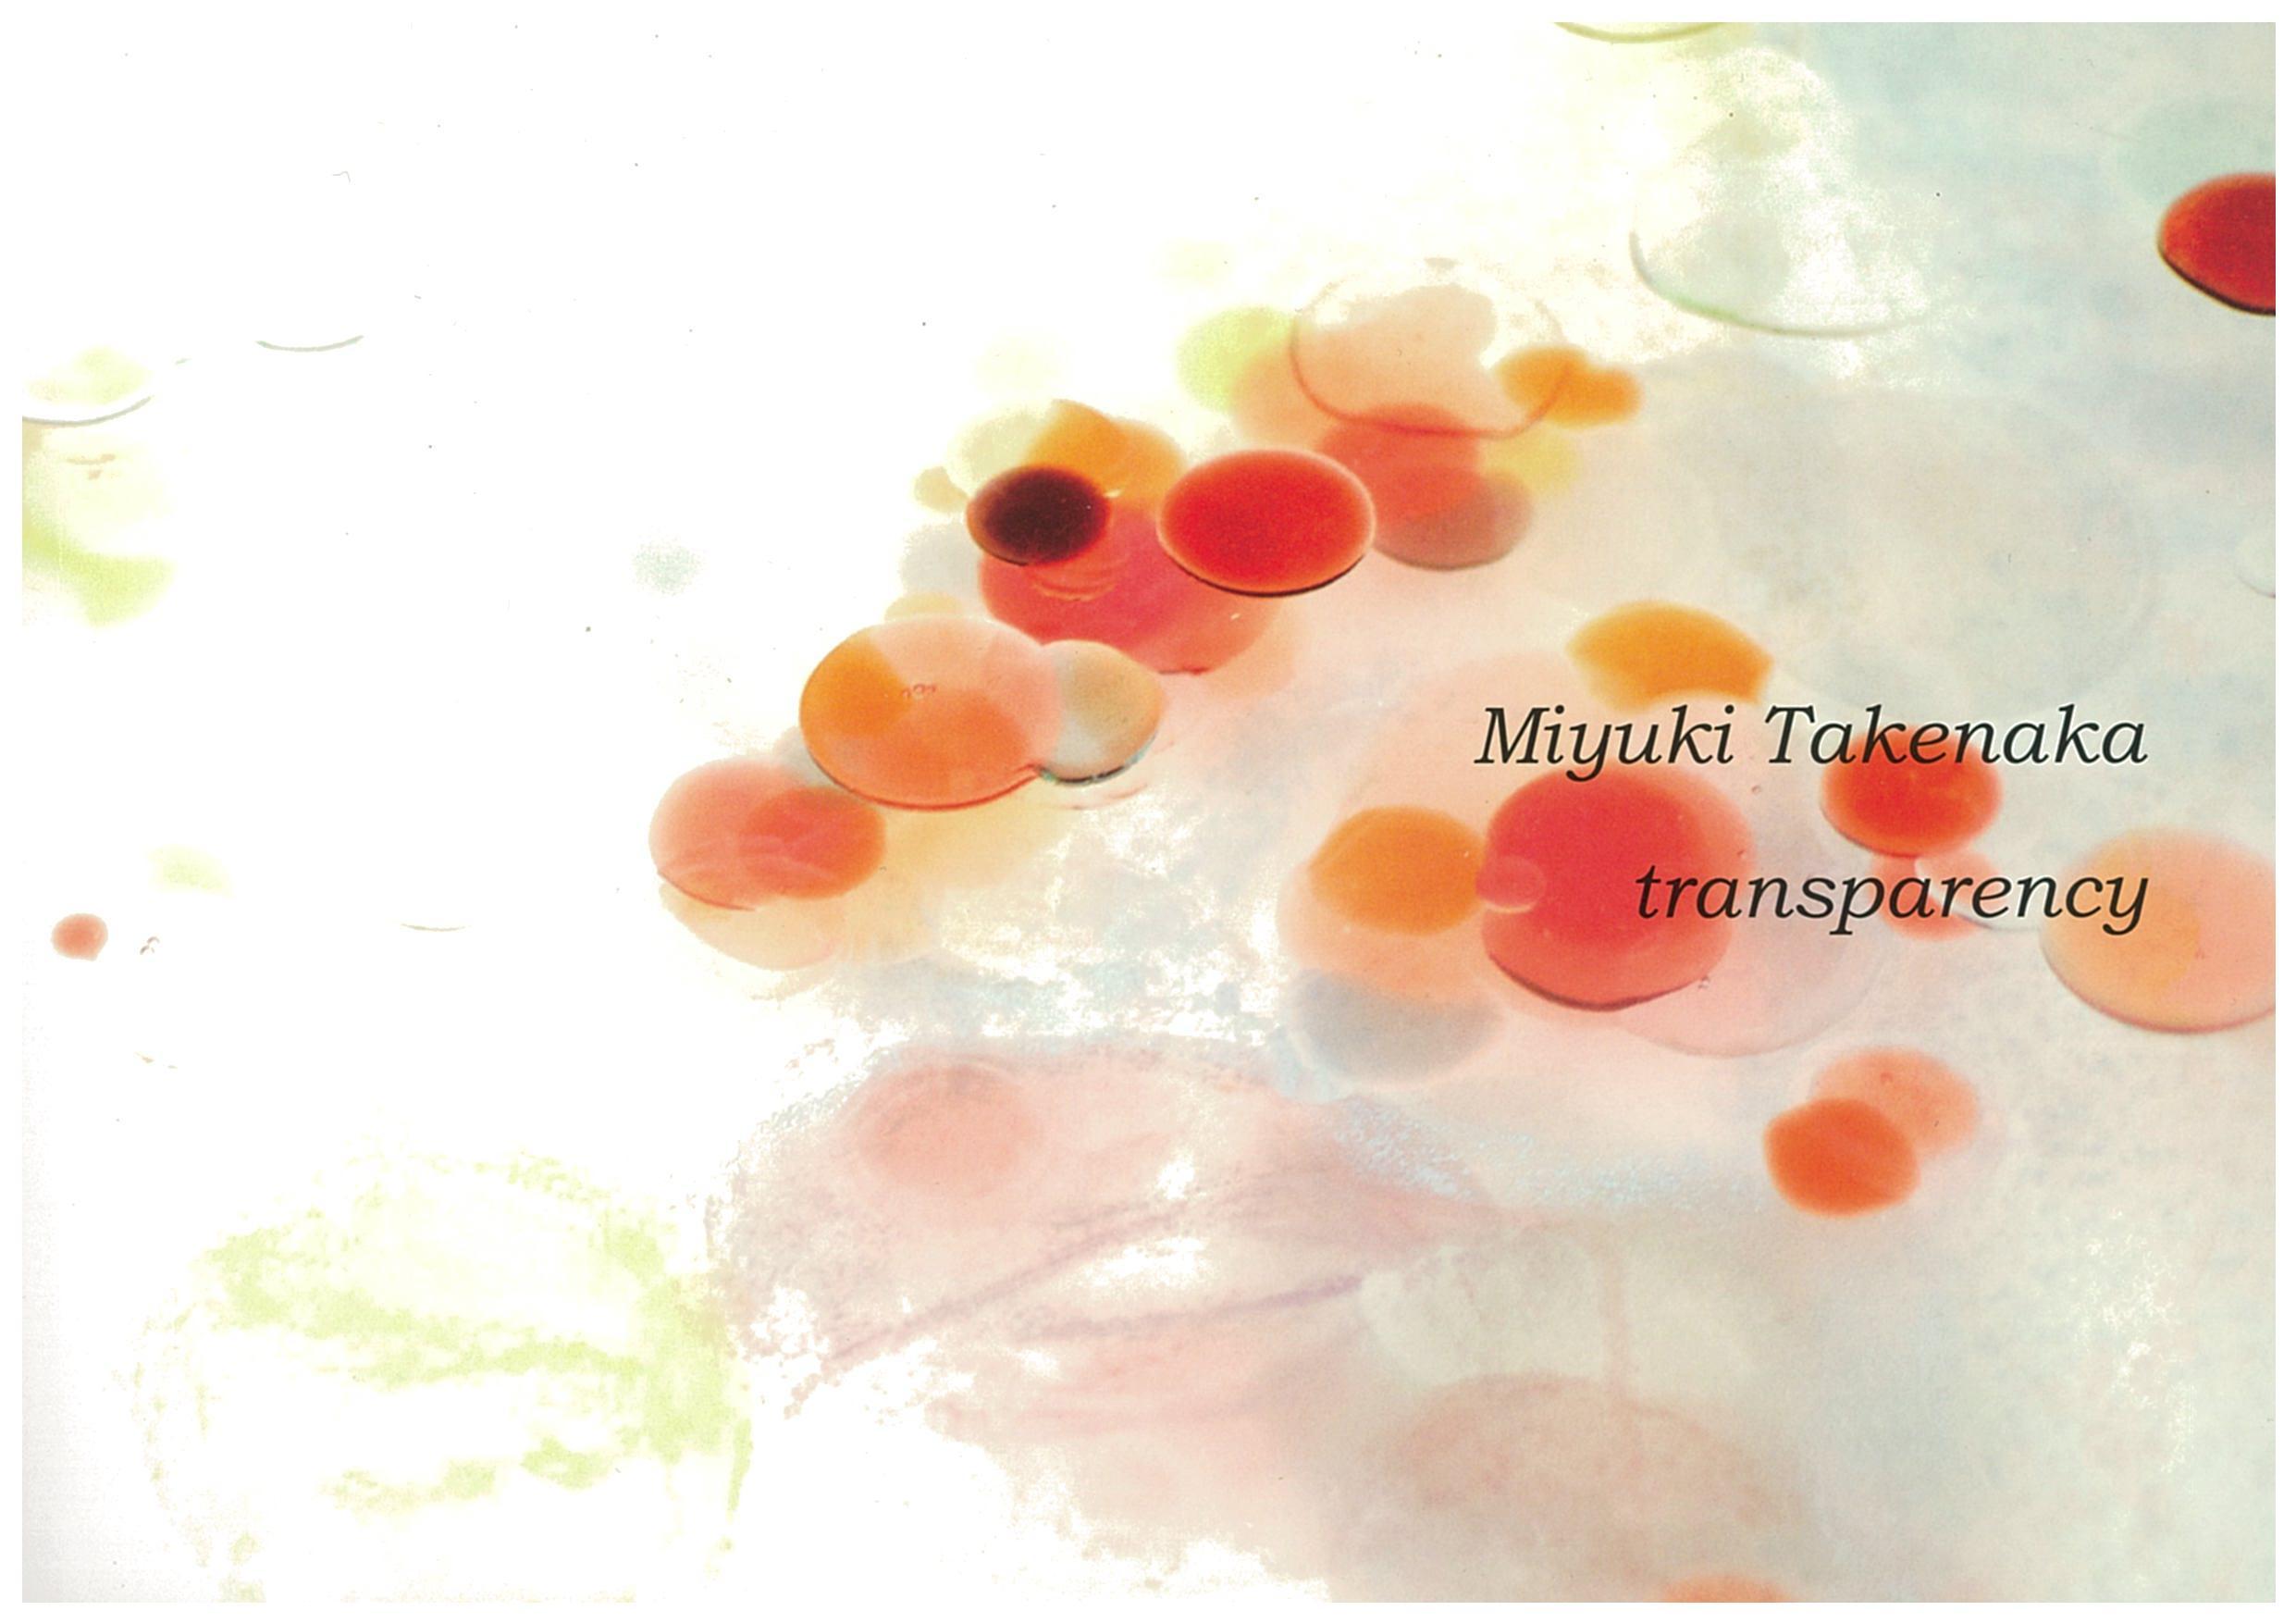 竹中美幸作品集  Transparency: Miyuki Takenaka